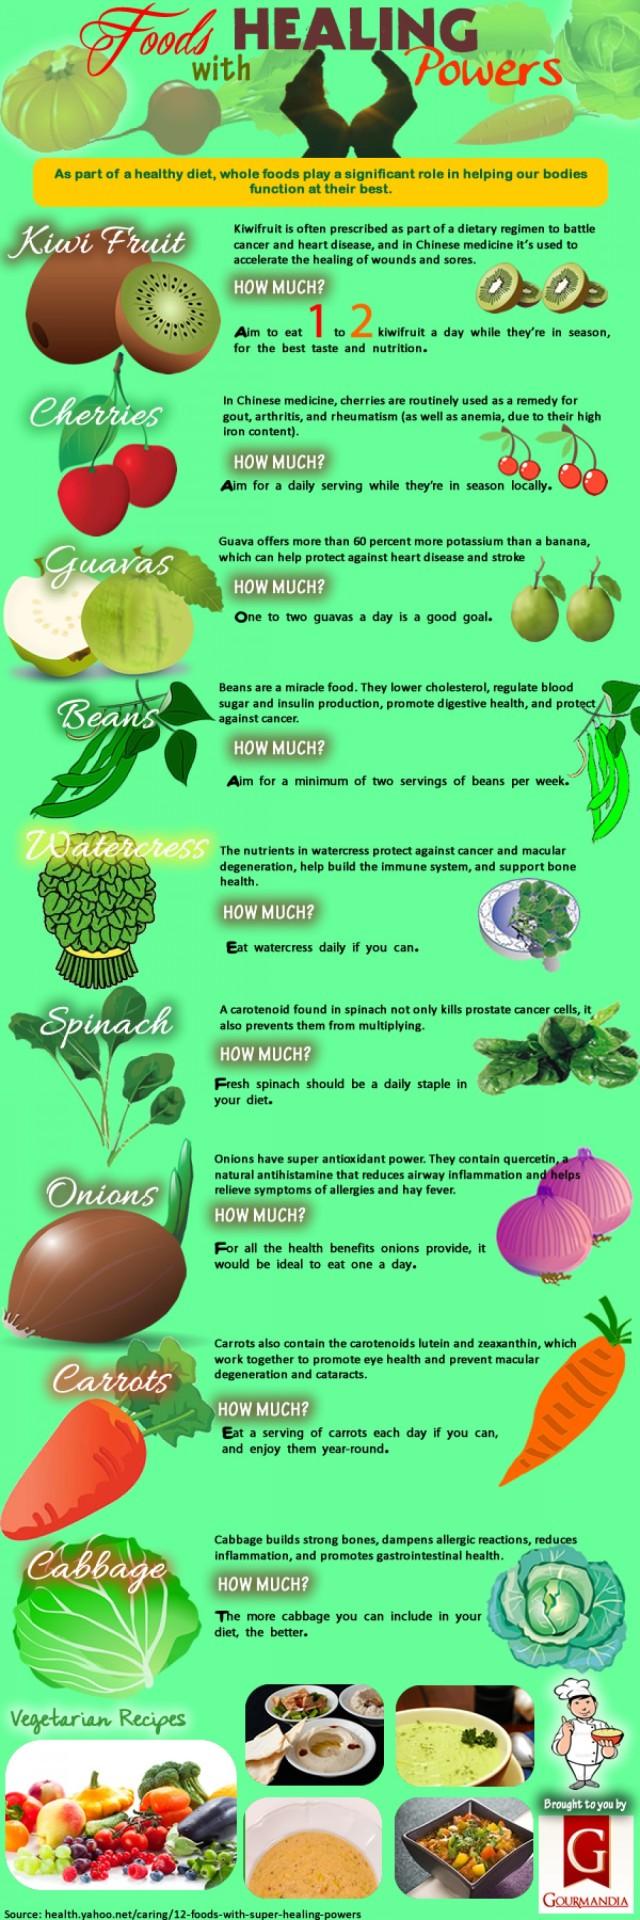 foods-with-healing-powers_53042b4521cbd_w1500